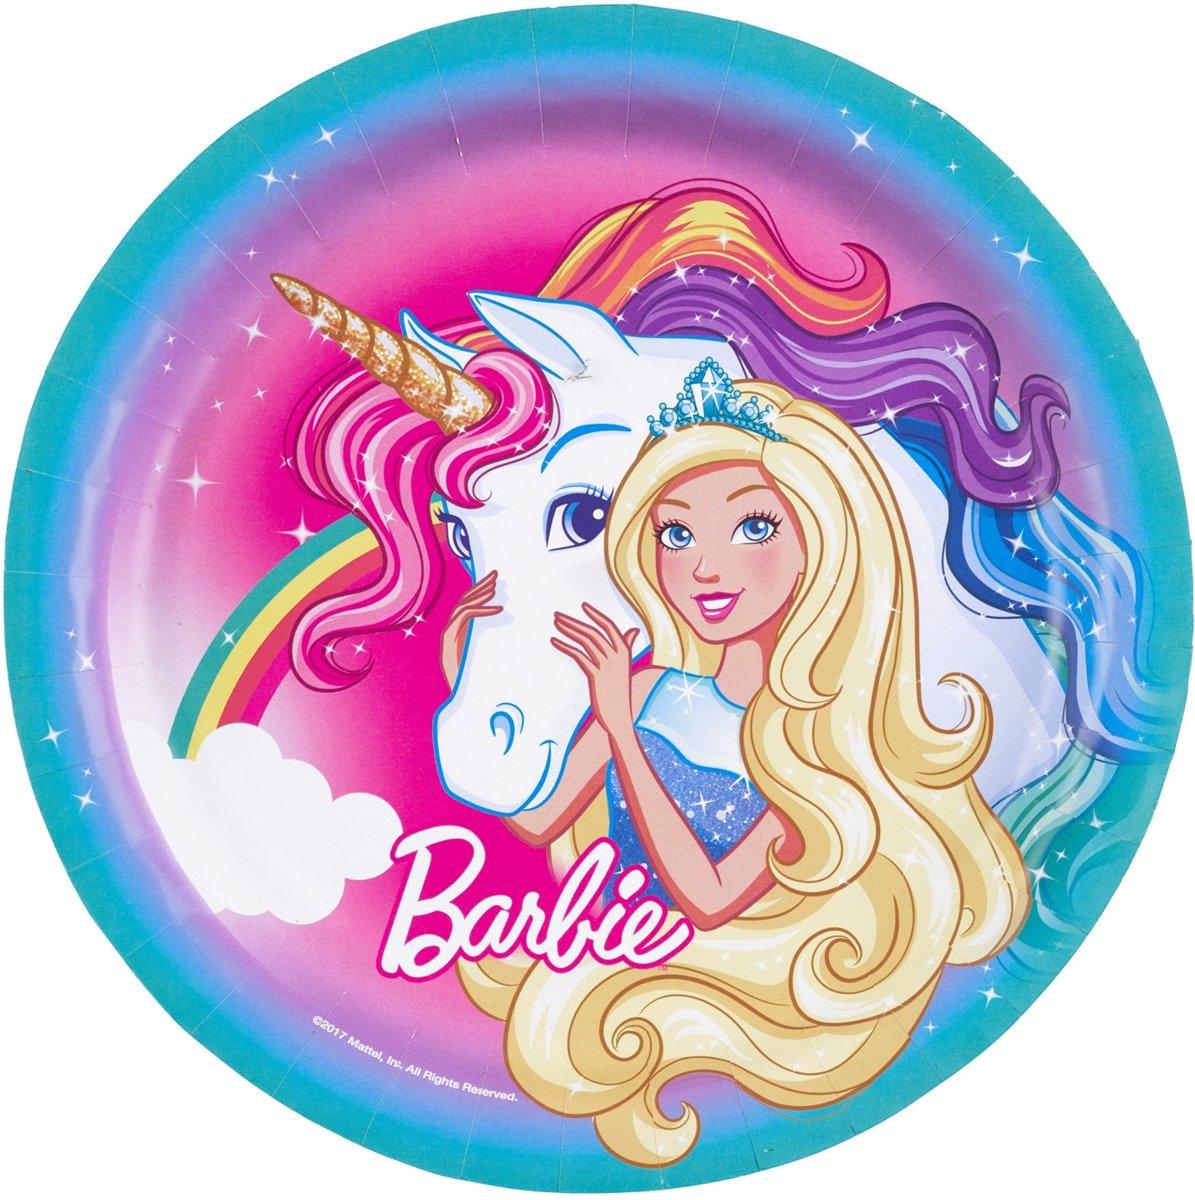 8 kartonnen bordjes Barbie Dreamtopia? - Feestdecoratievoorwerp